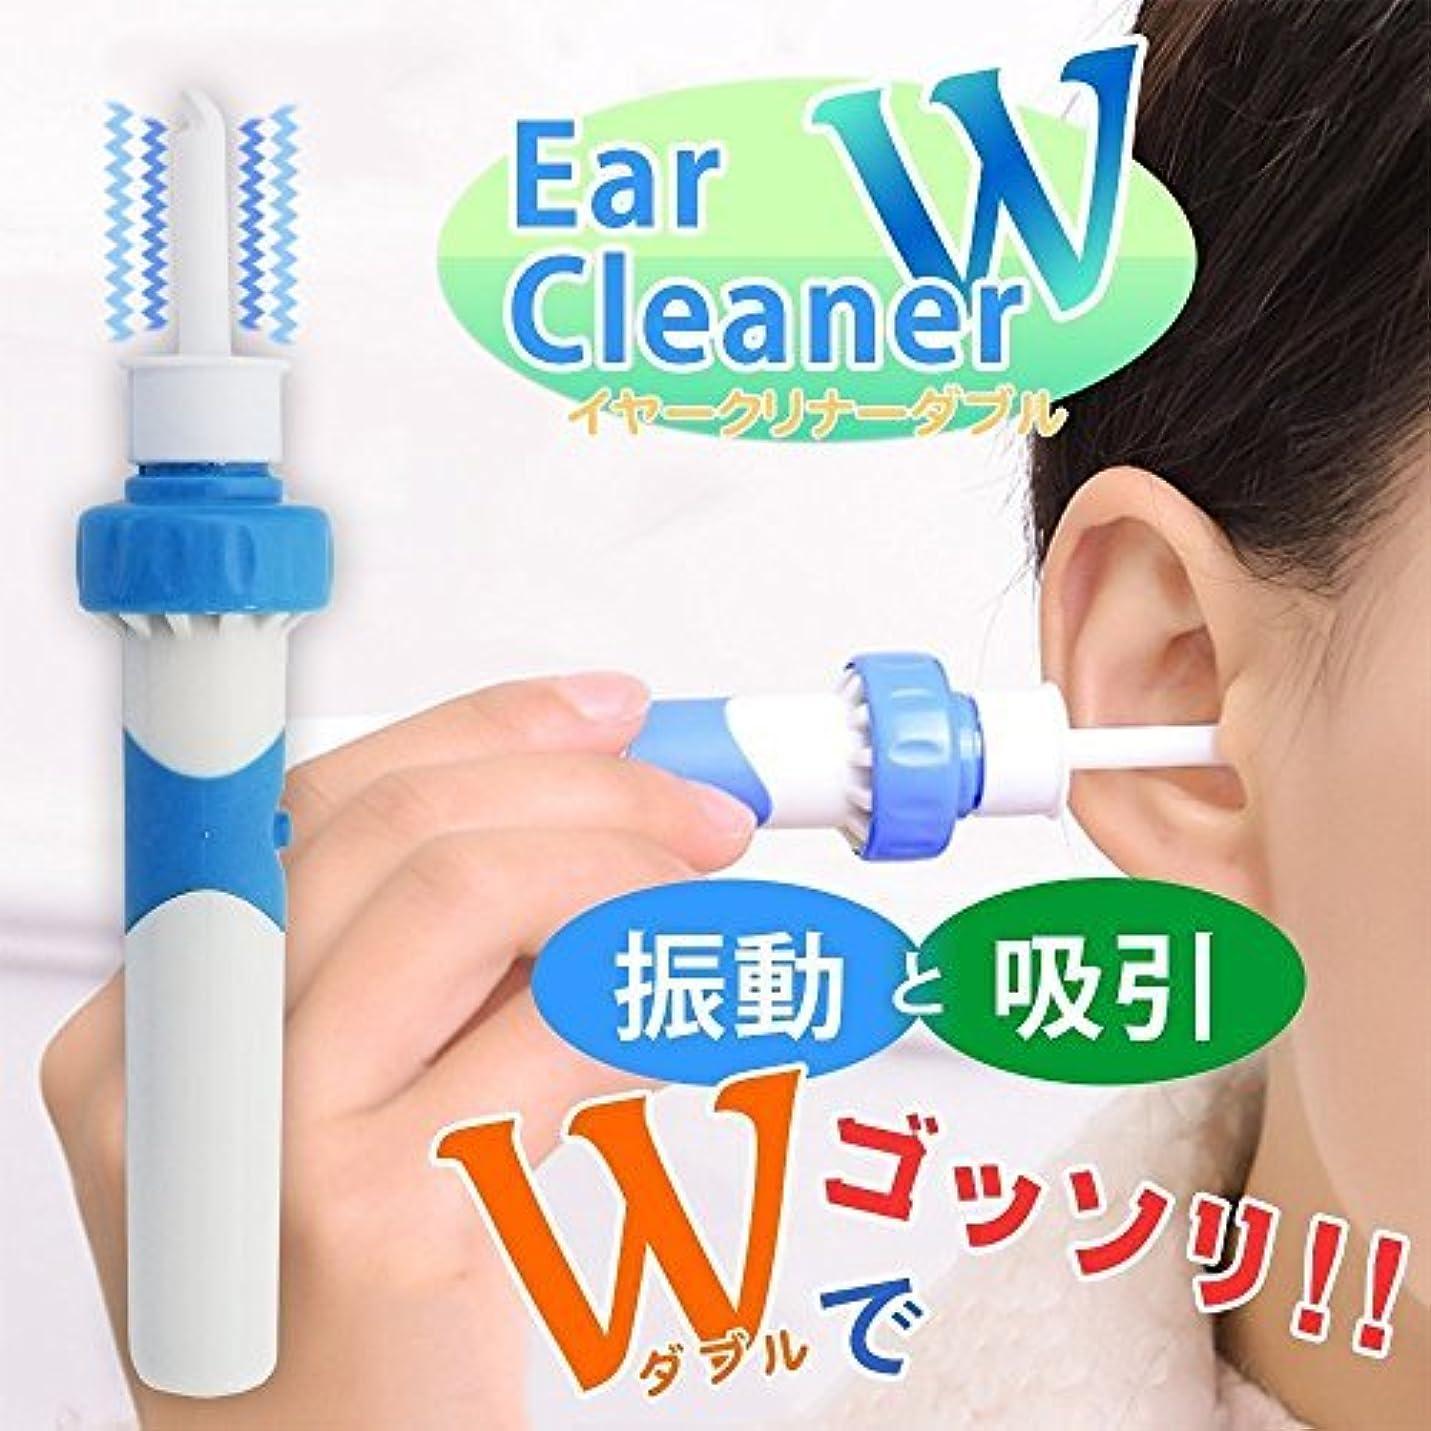 ナンセンス確執簡略化するCHUI FEN 耳掃除機 電動耳掃除 耳クリーナー 耳掃除 みみそうじ 耳垢 吸引 耳あか吸引